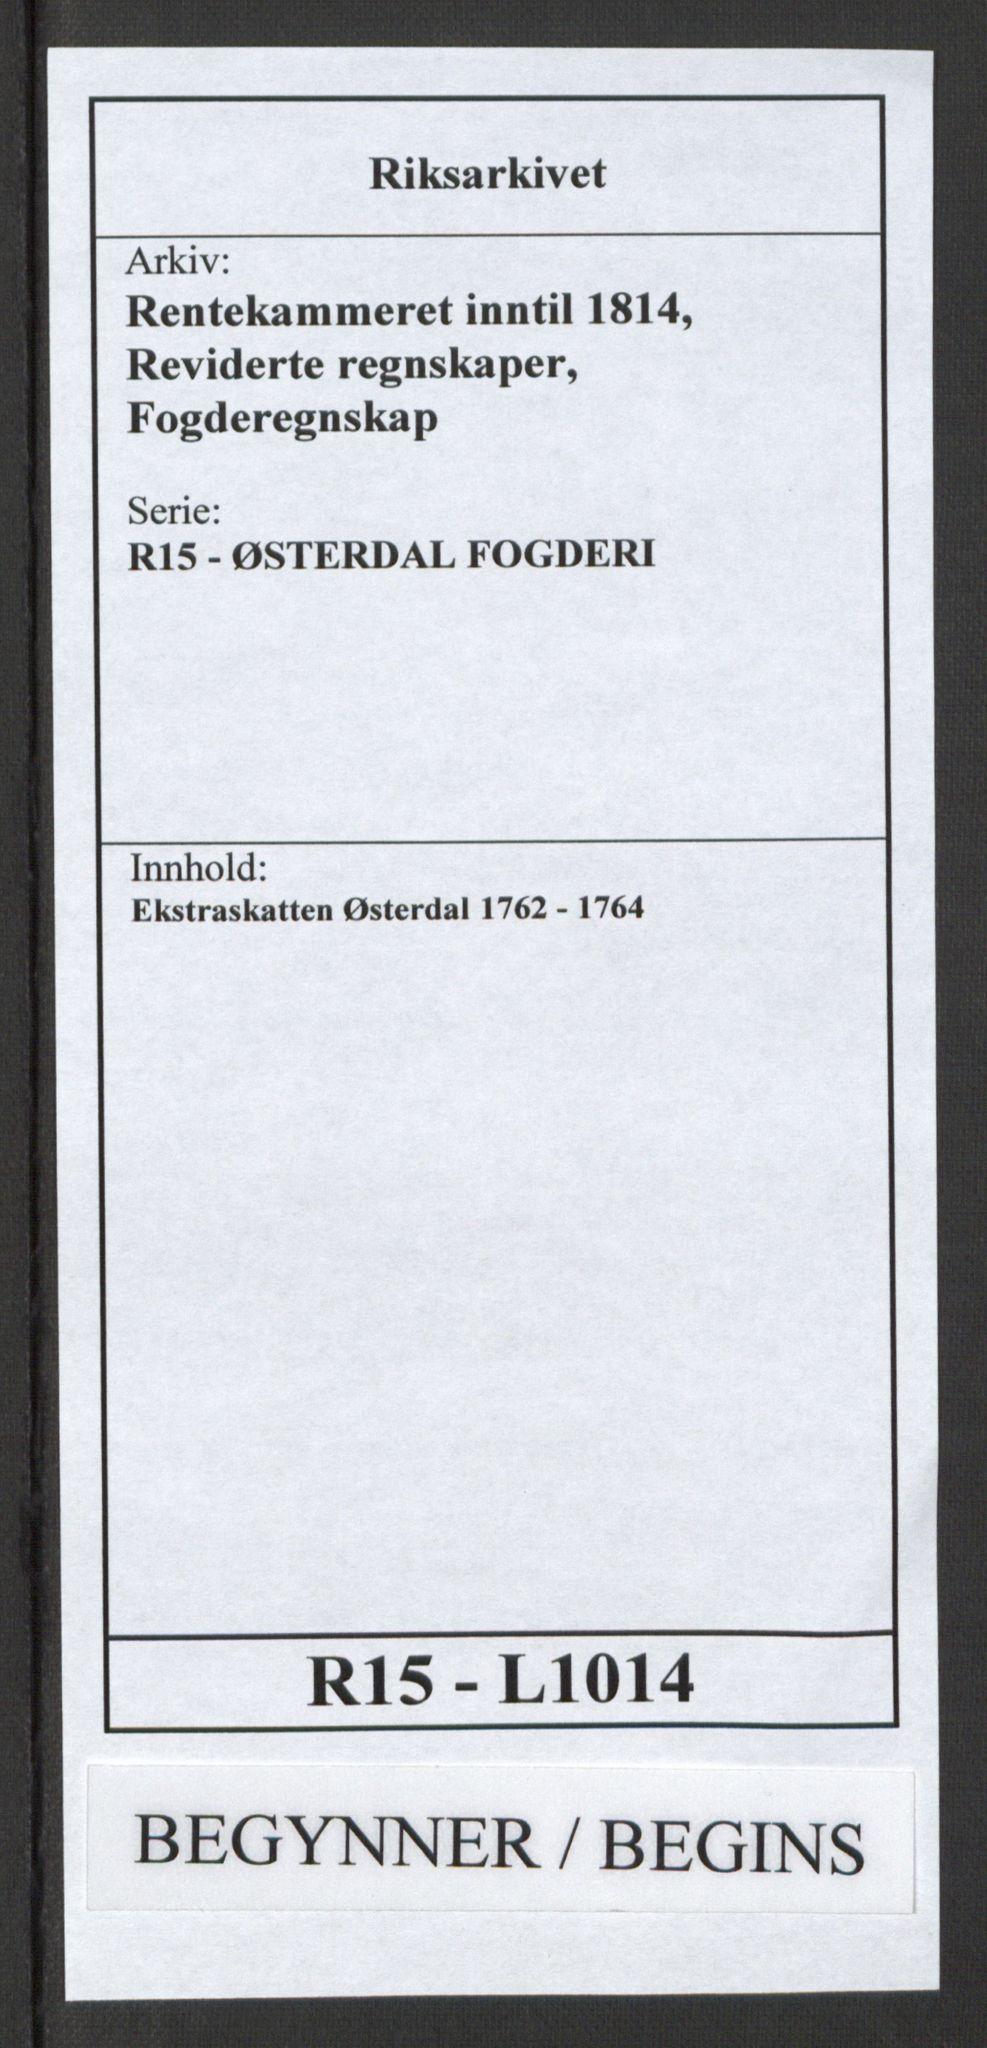 RA, Rentekammeret inntil 1814, Reviderte regnskaper, Fogderegnskap, R15/L1014: Ekstraskatten Østerdal, 1762-1764, s. 1